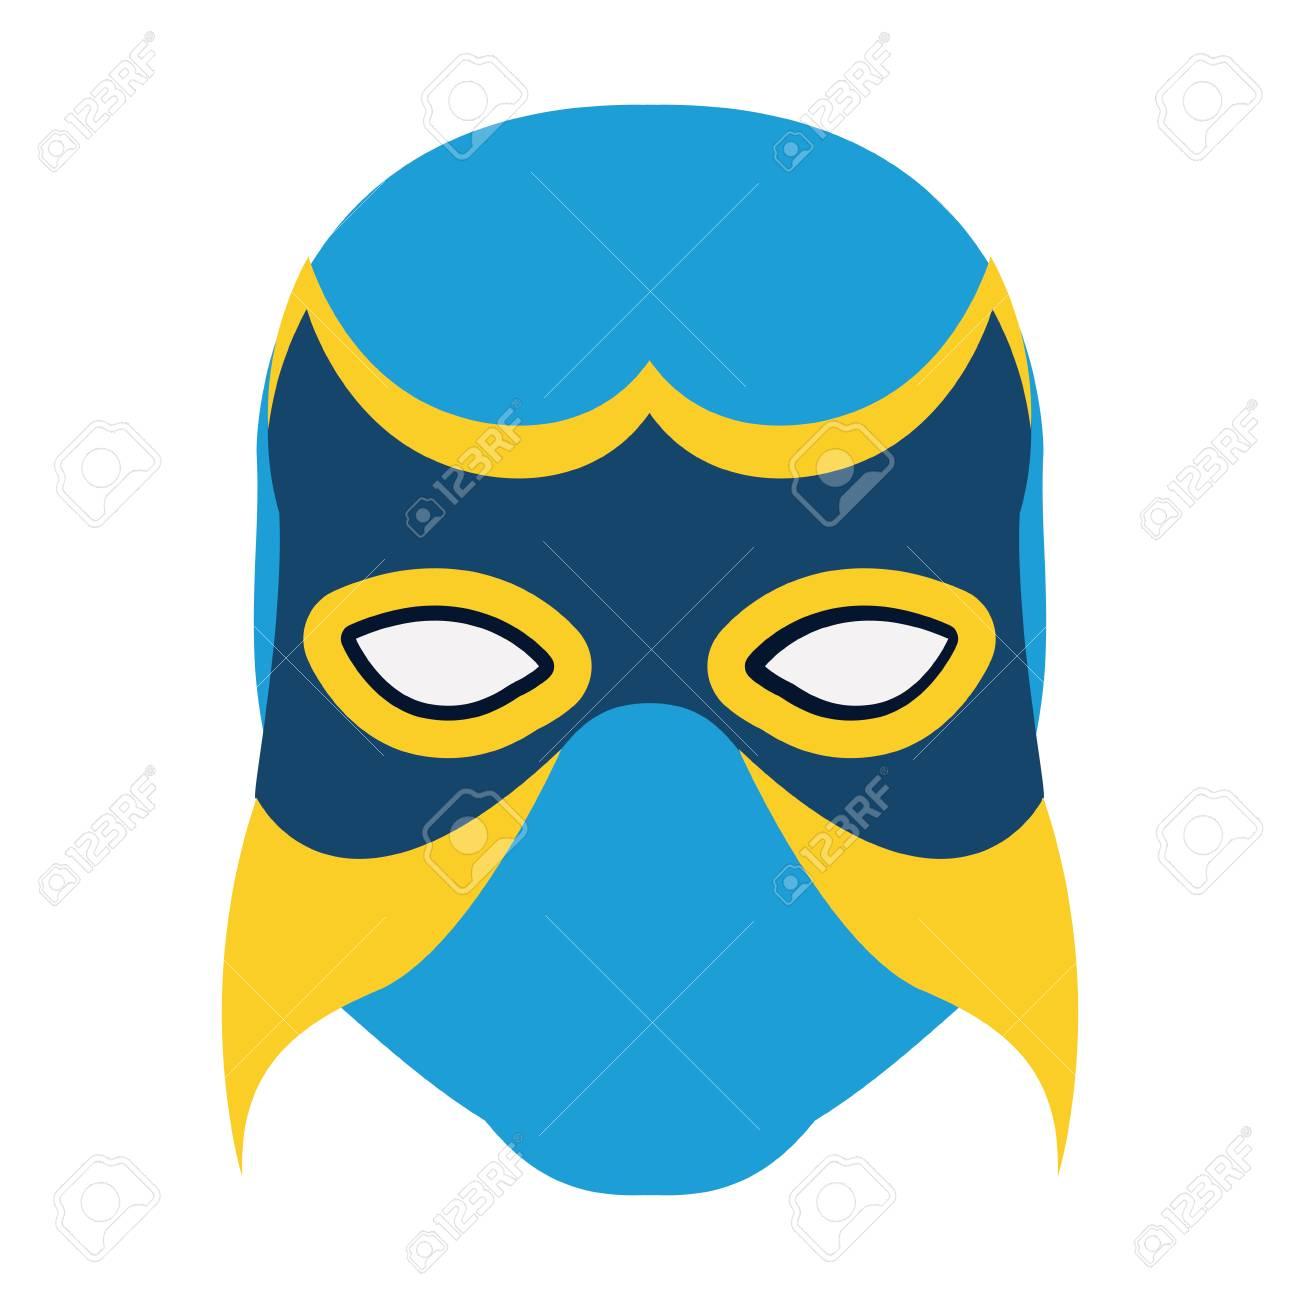 Único Plantilla De Máscara De Ladrón Ilustración - Ejemplo De ...